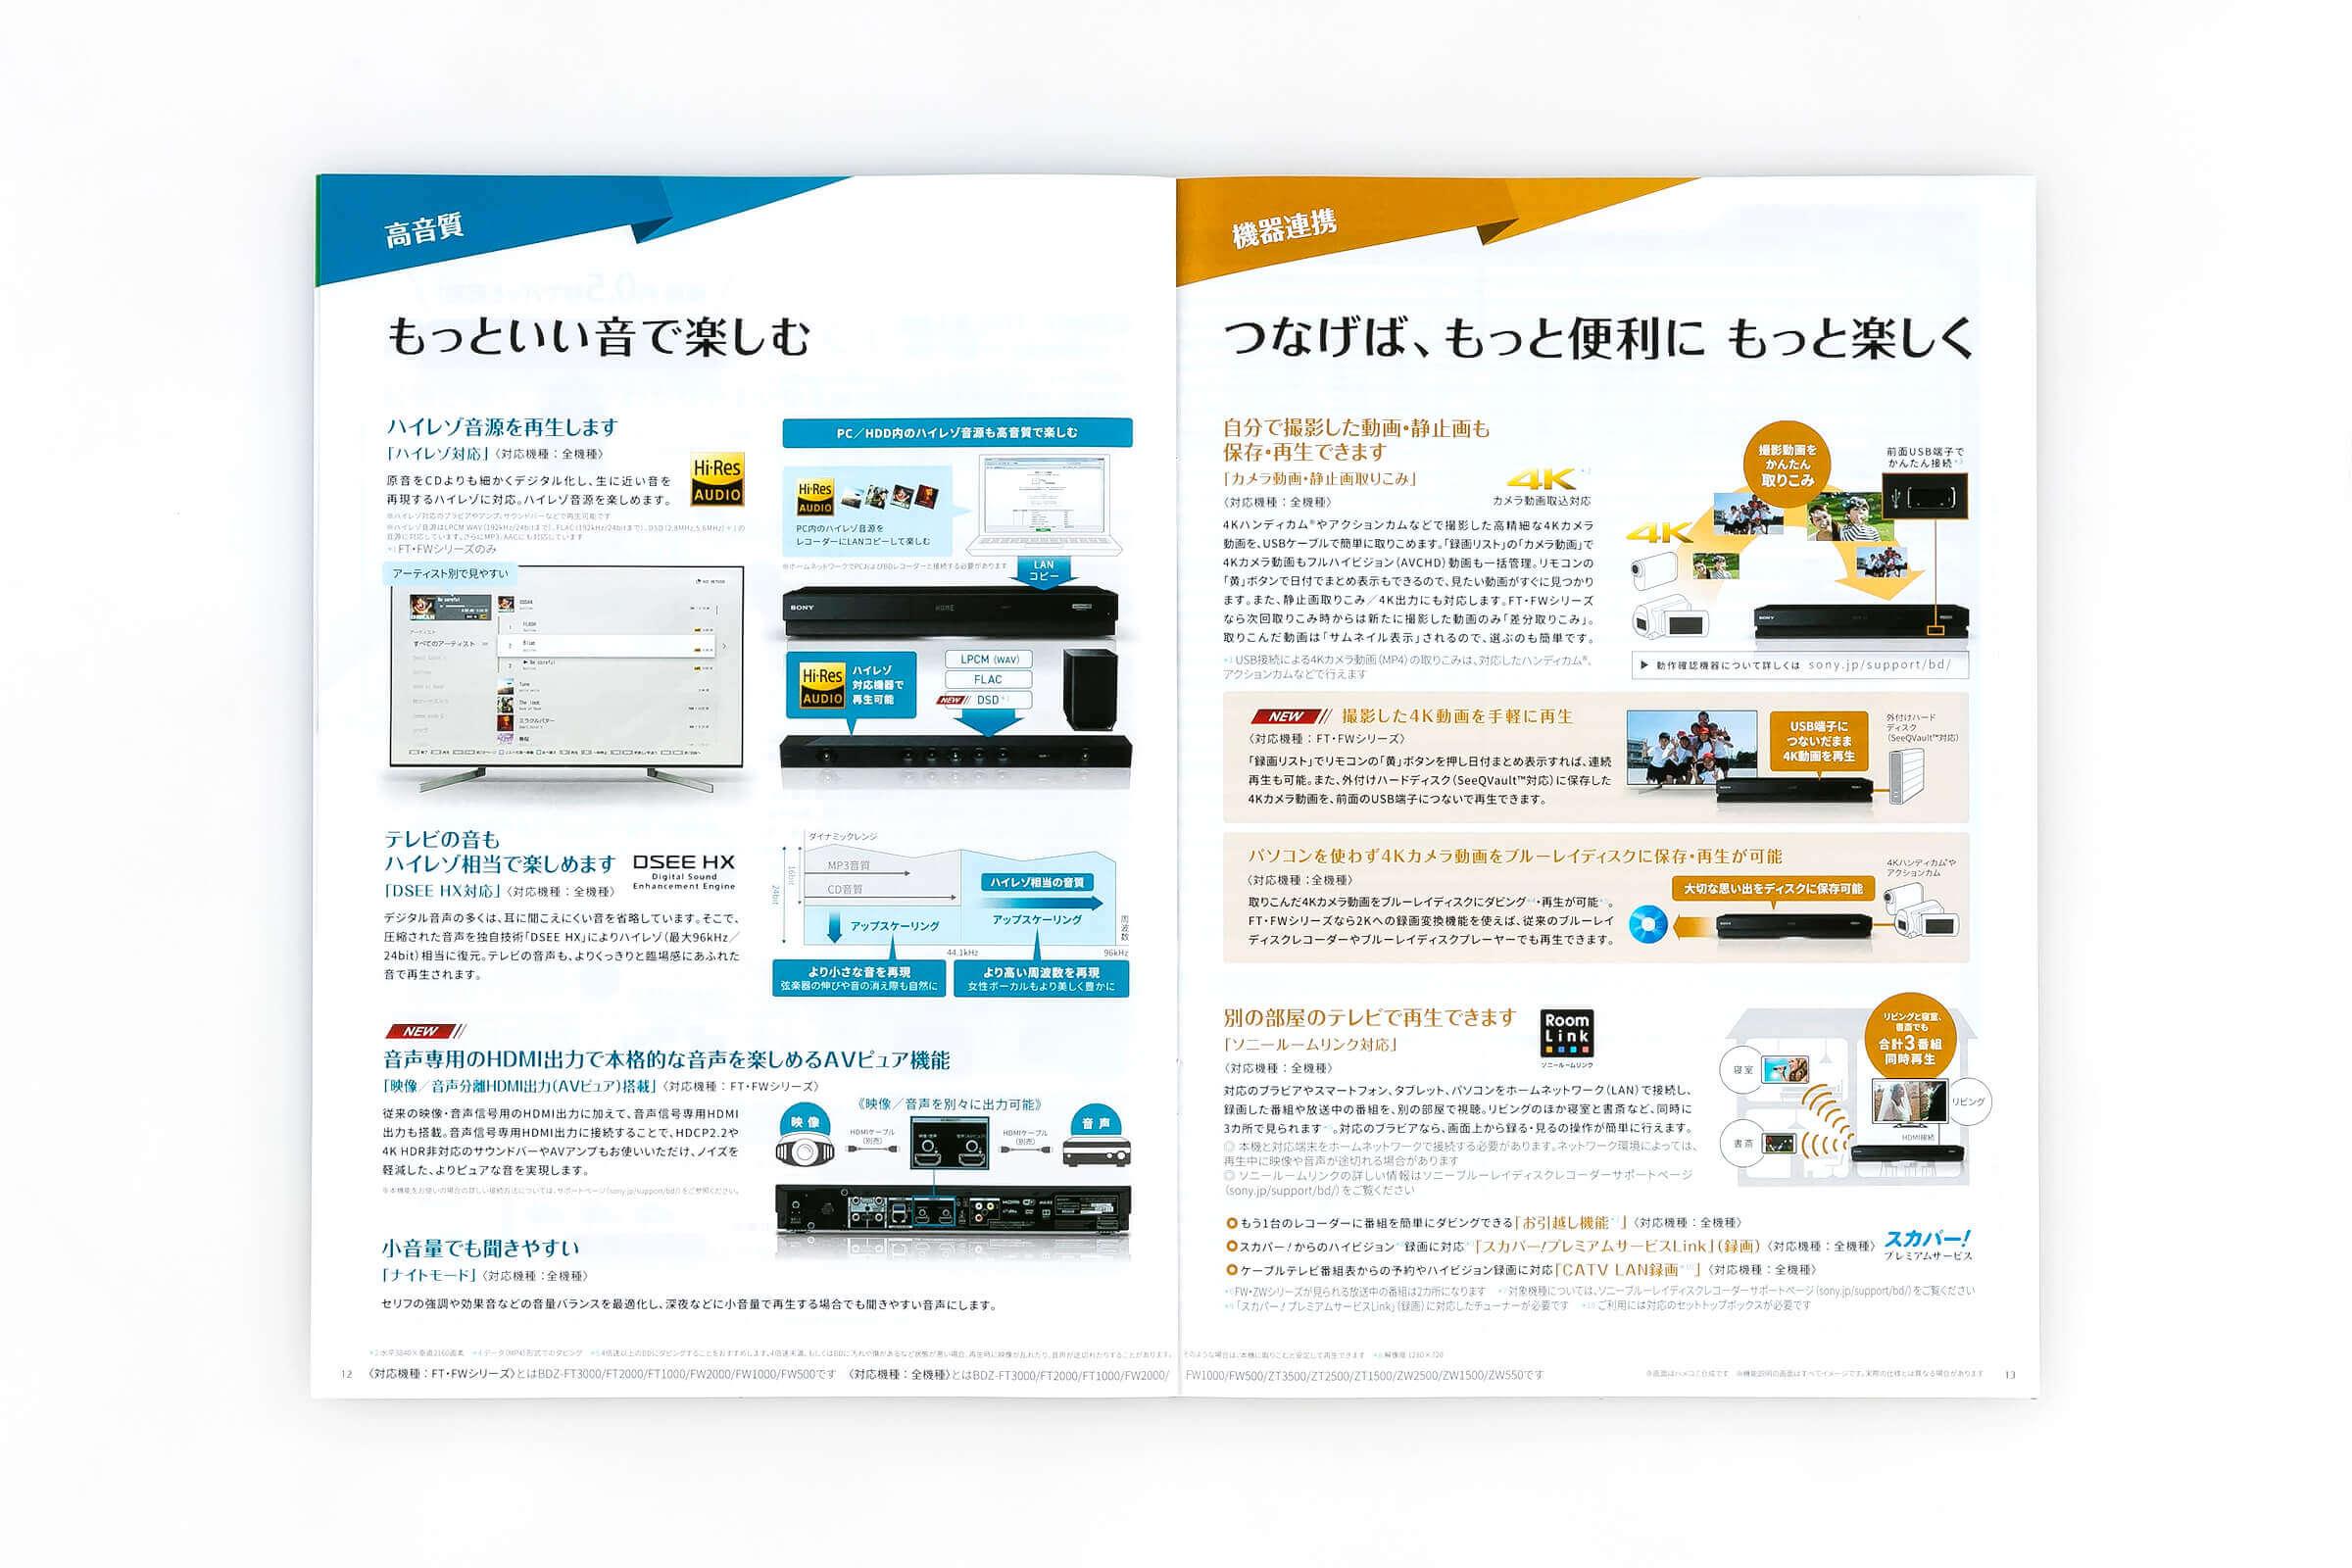 ブルーレイディスク/DVDレコーダー総合パンフレット2018年春号 12-13 高音質・機器連携説明ページ